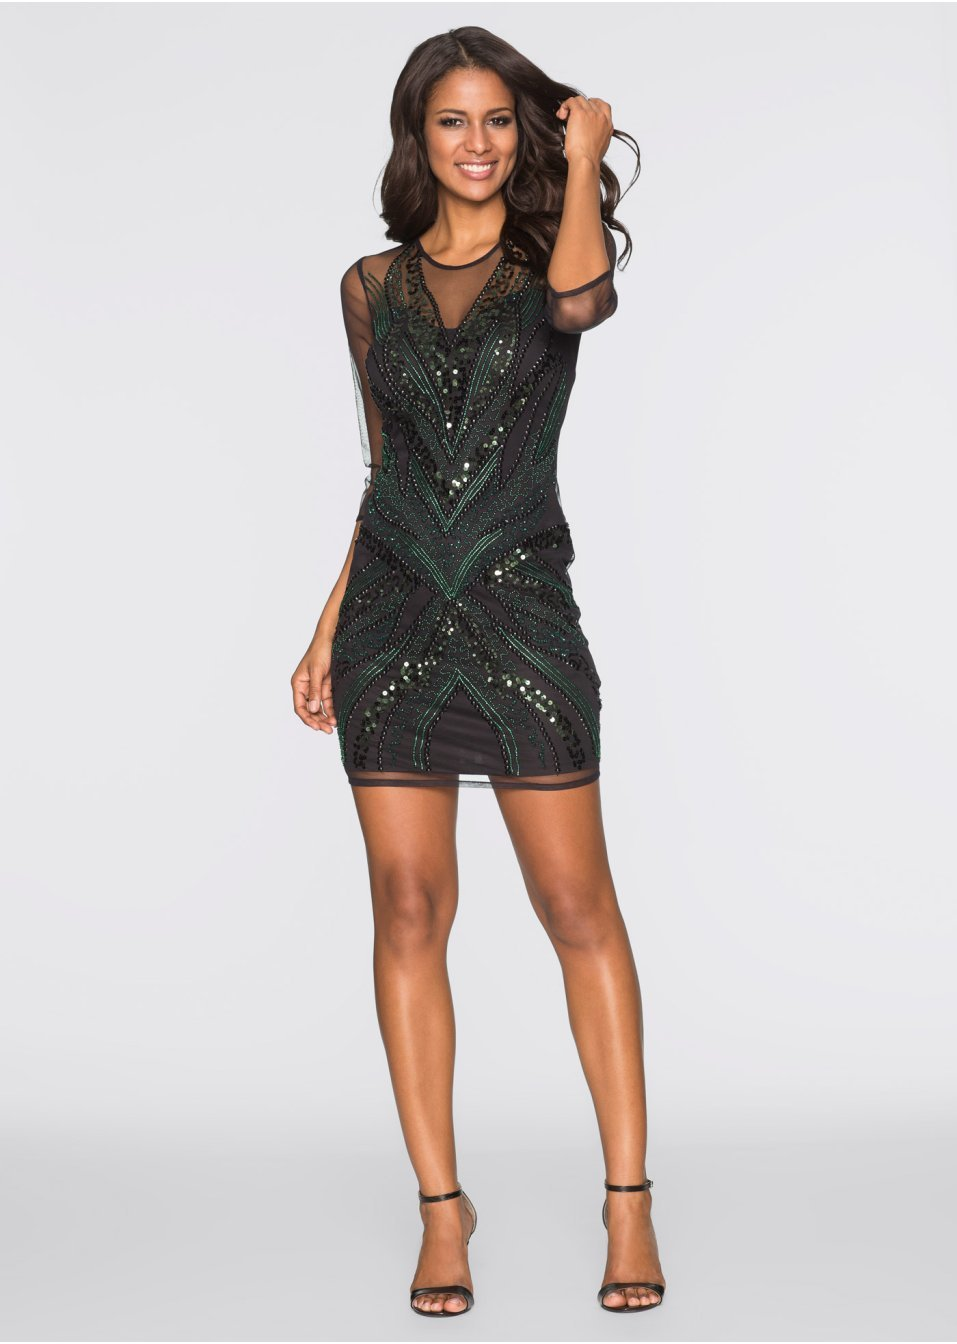 Sylwestrowa czarna sukienka z cekinami